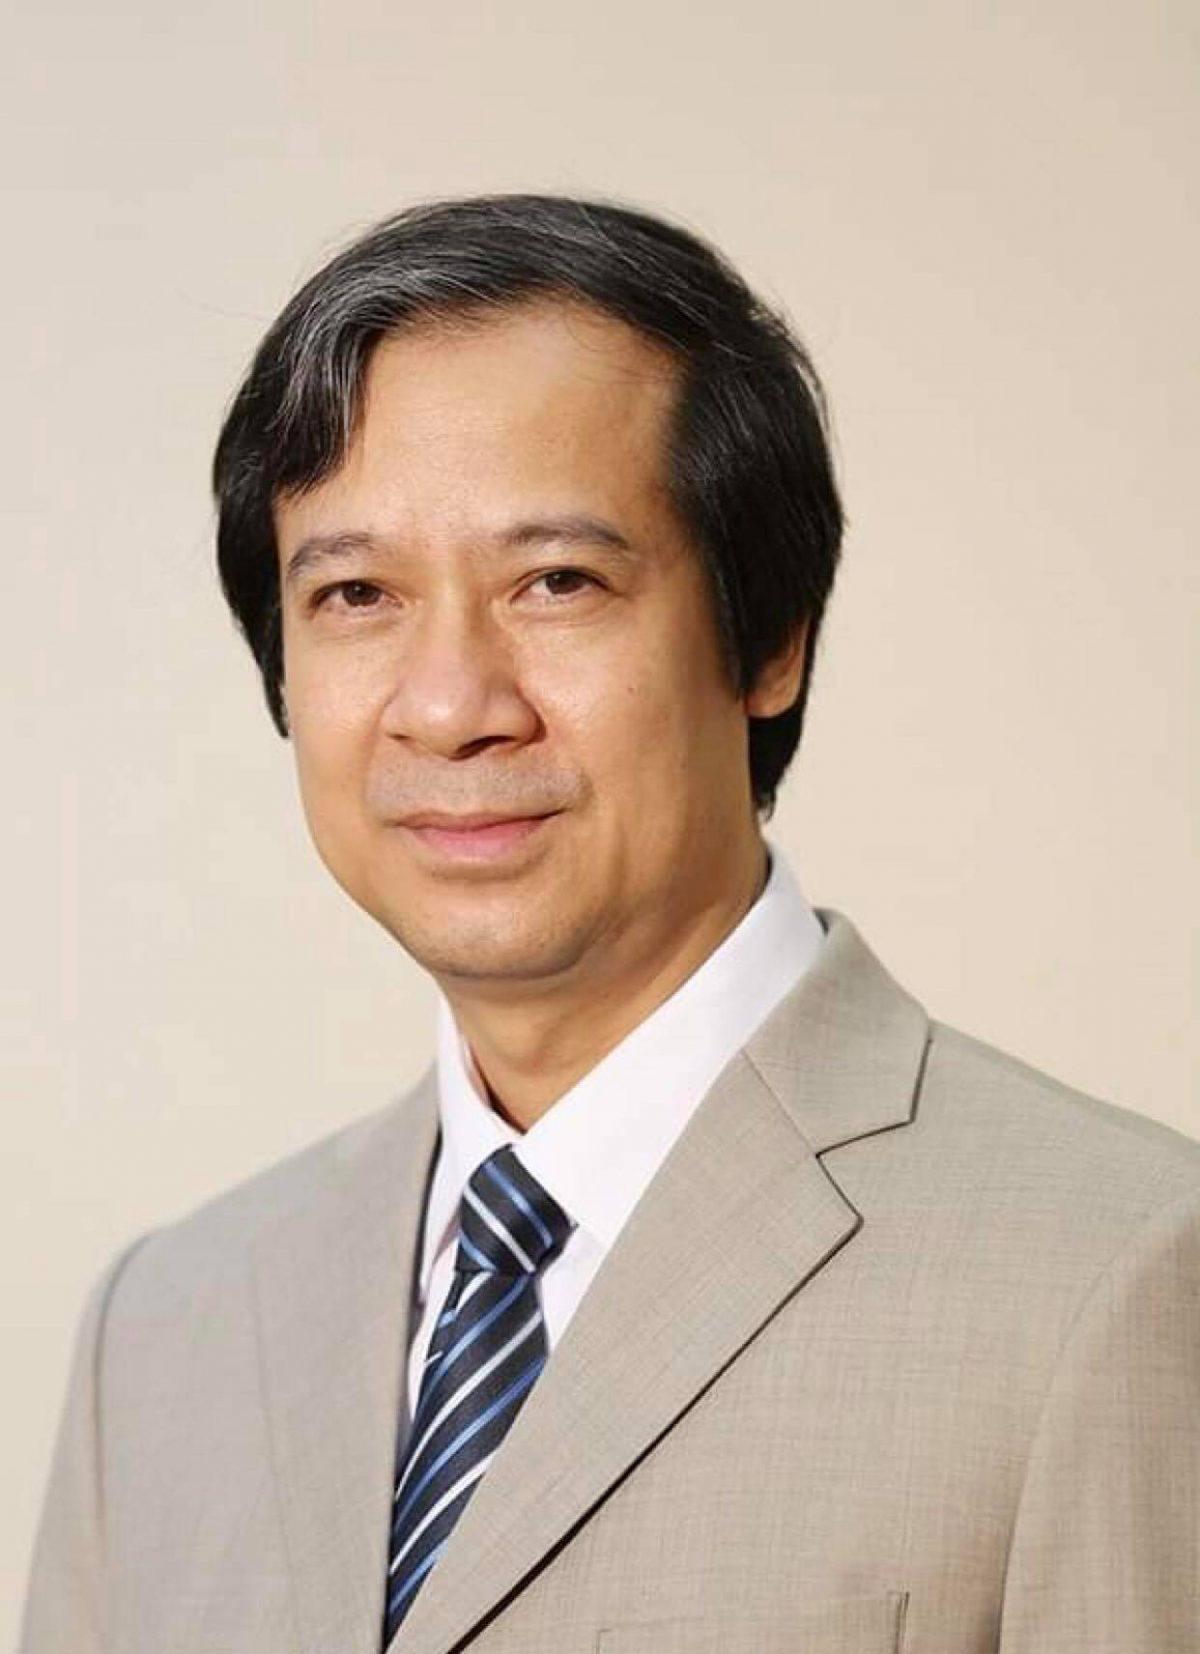 Bộ Giáo dục và Đào tạo có Bộ trưởng mới